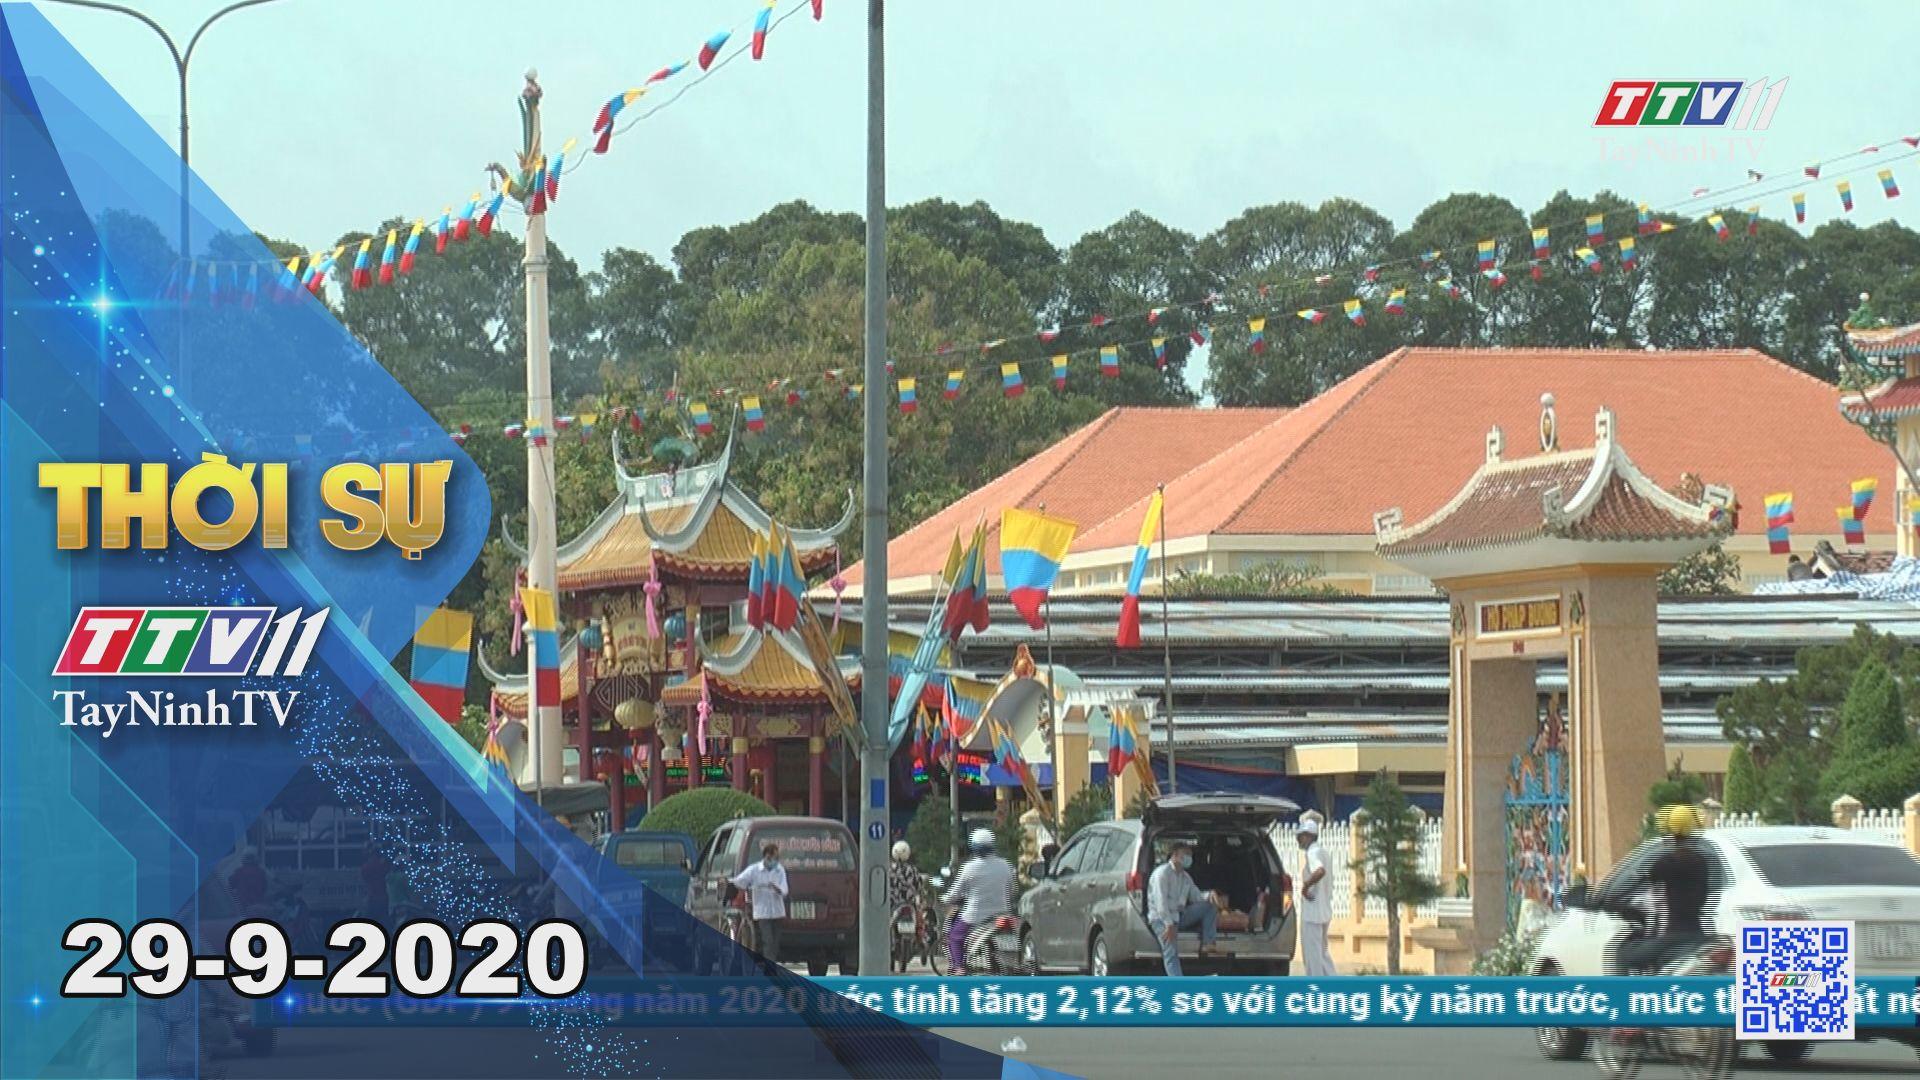 Thời sự Tây Ninh 29-9-2020 | Tin tức hôm nay | TayNinhTV